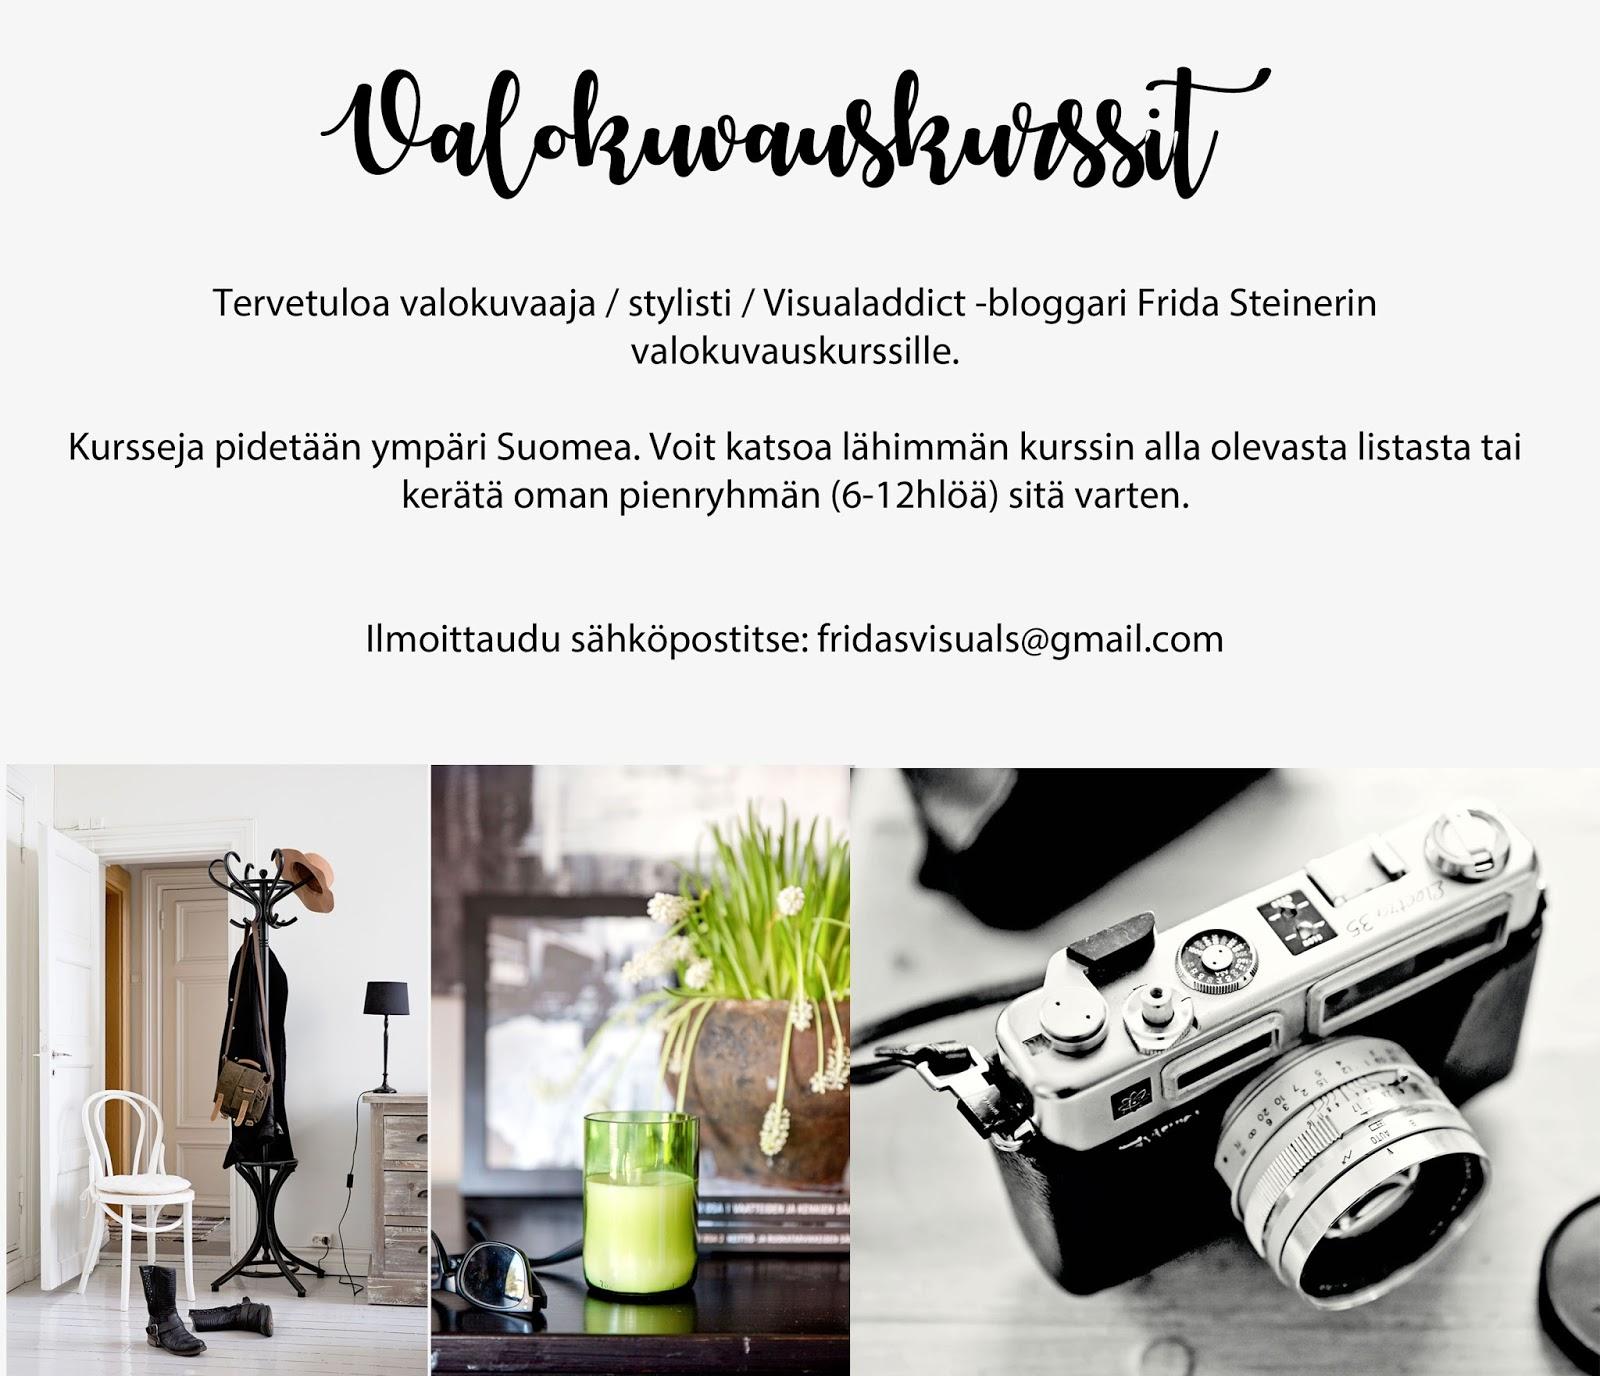 Valokuvaus, valokuvaaminen, valokuvauskurssit, valokuvaaja Frida Steiner, Frida S Visuals, Visualaddict, bloggarin valokuvauskurssi, peruskurssi, jatkokurssi, sisustuskuvaaminen, sisustusvalokuvaus, asetelmakuvaus, ruokakuvaus